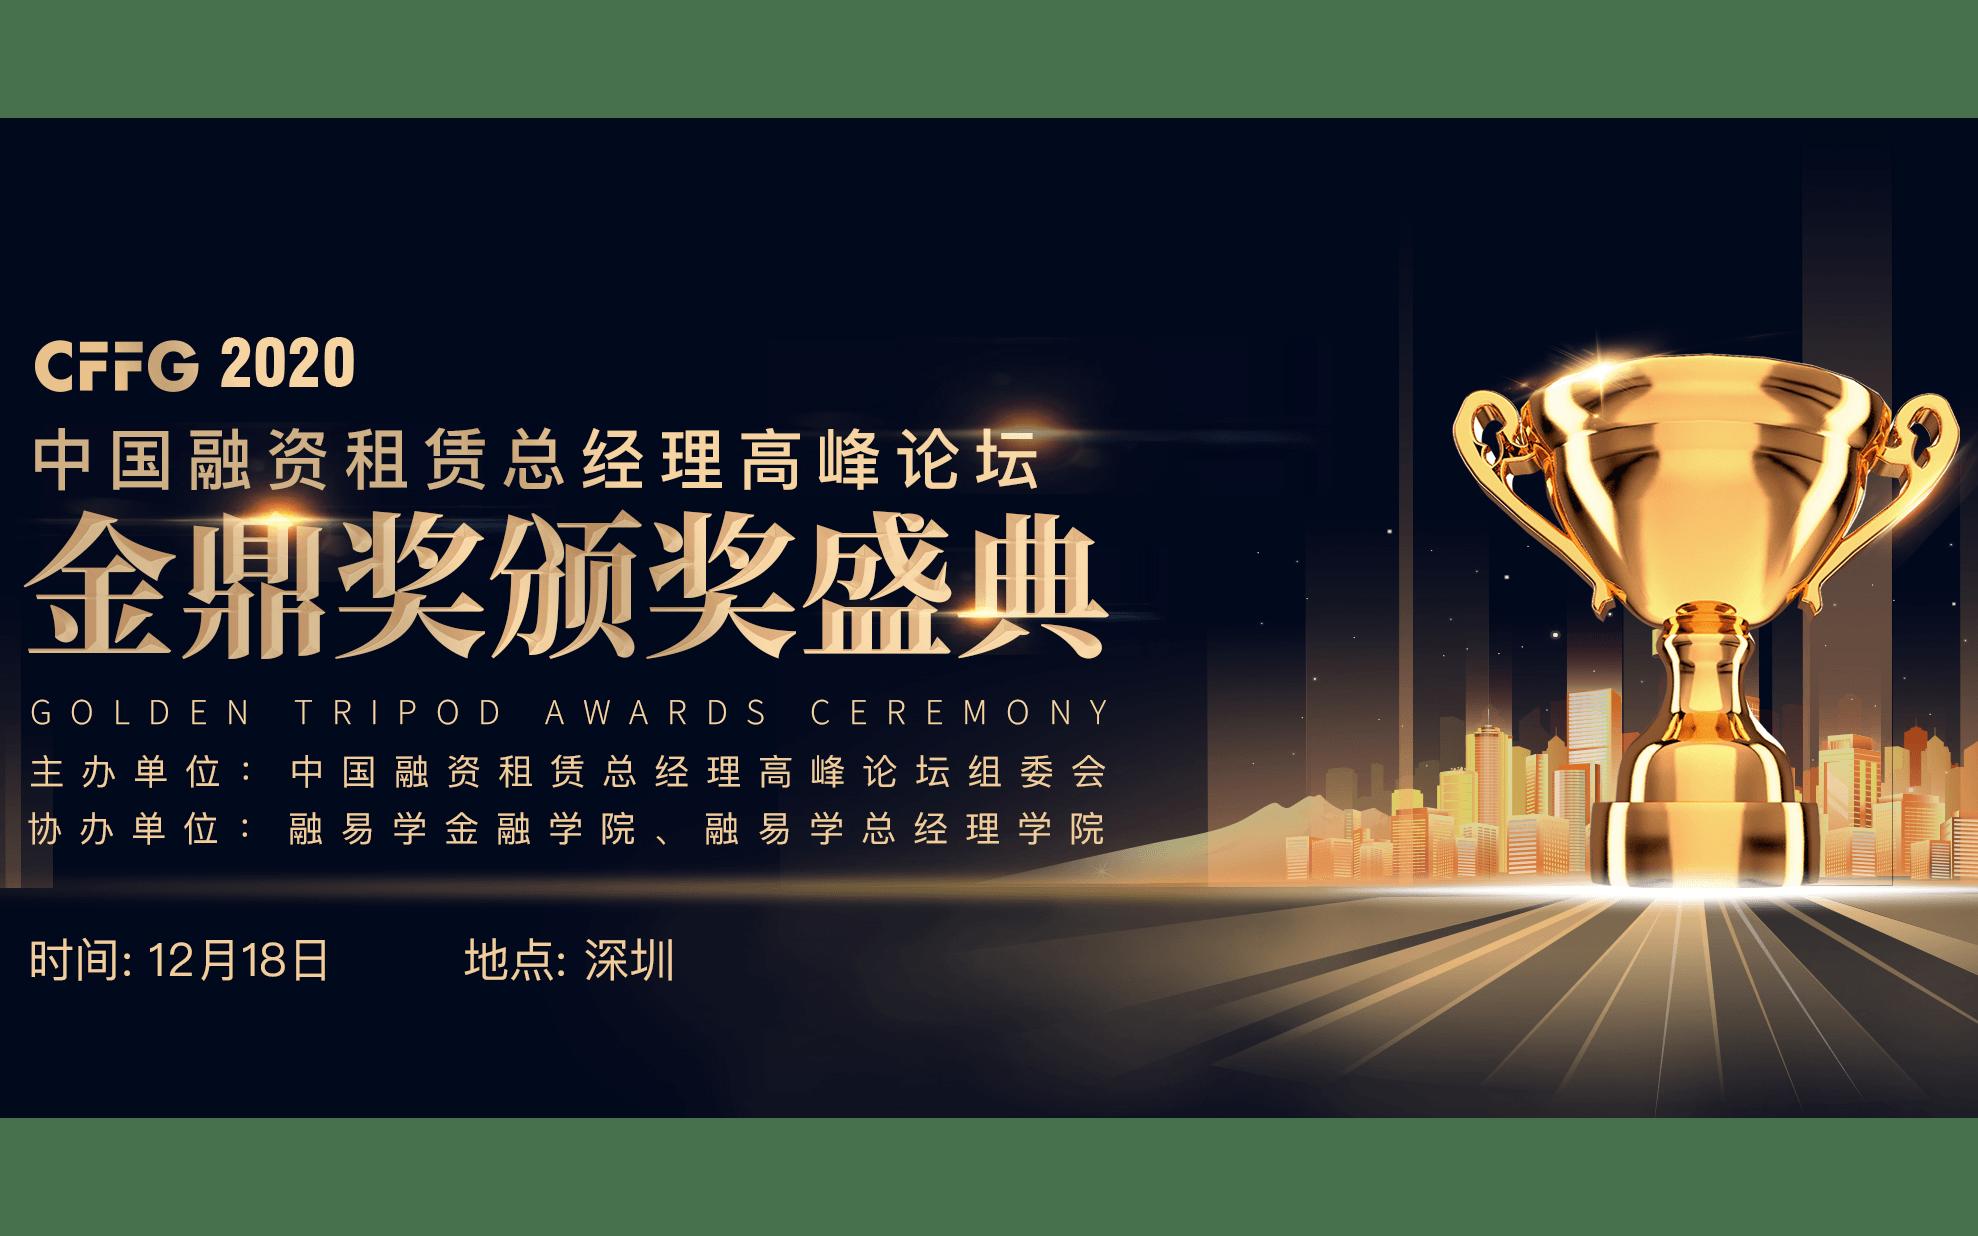 2020中国融资租赁总经理高峰论坛「金鼎奖」颁奖盛典